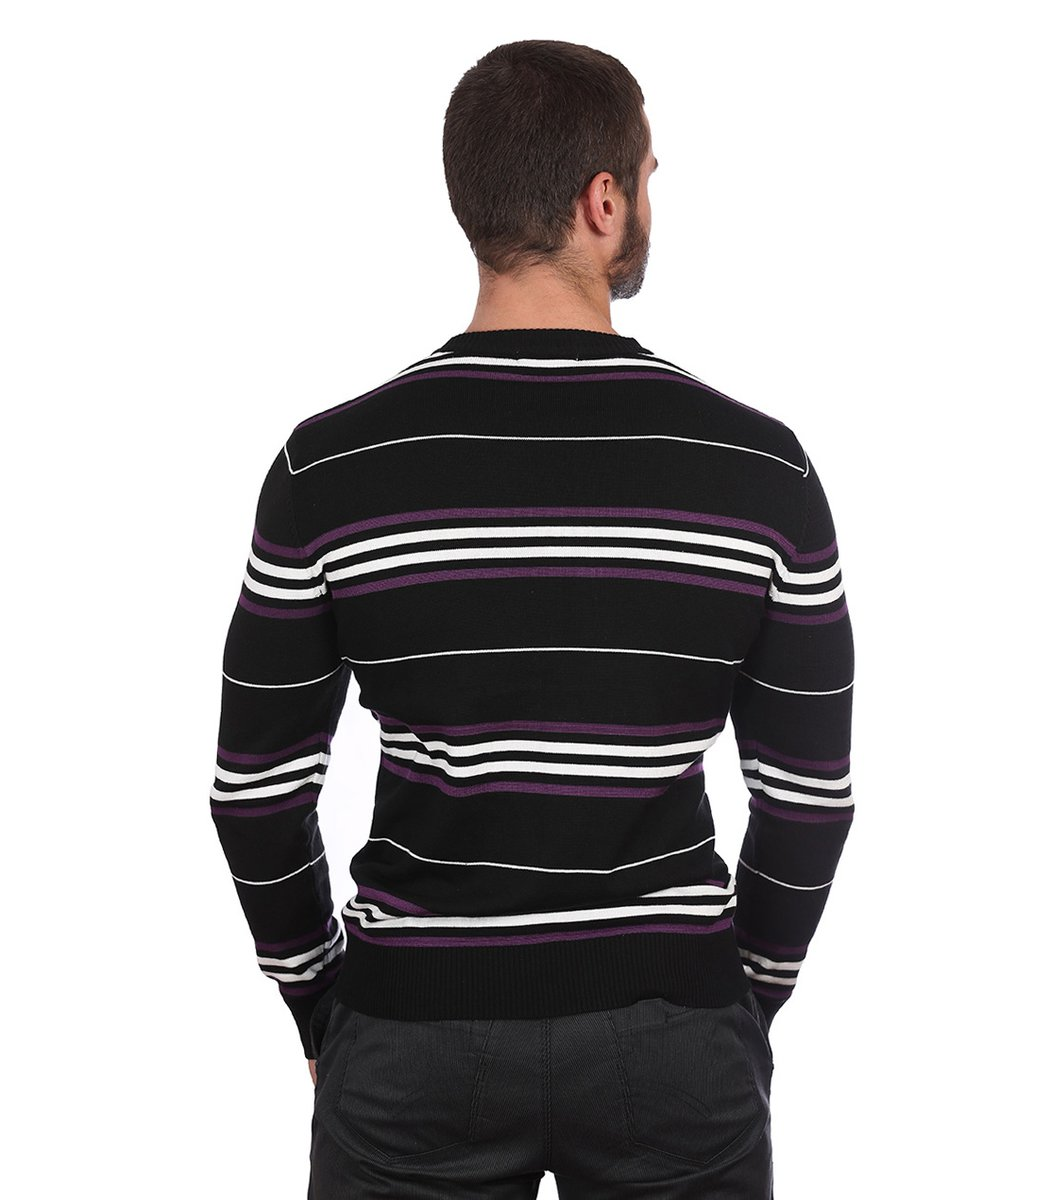 Джемпер в полоску Lacoste JL1 (Черный/фиолетовый) - Черний - Вид 5